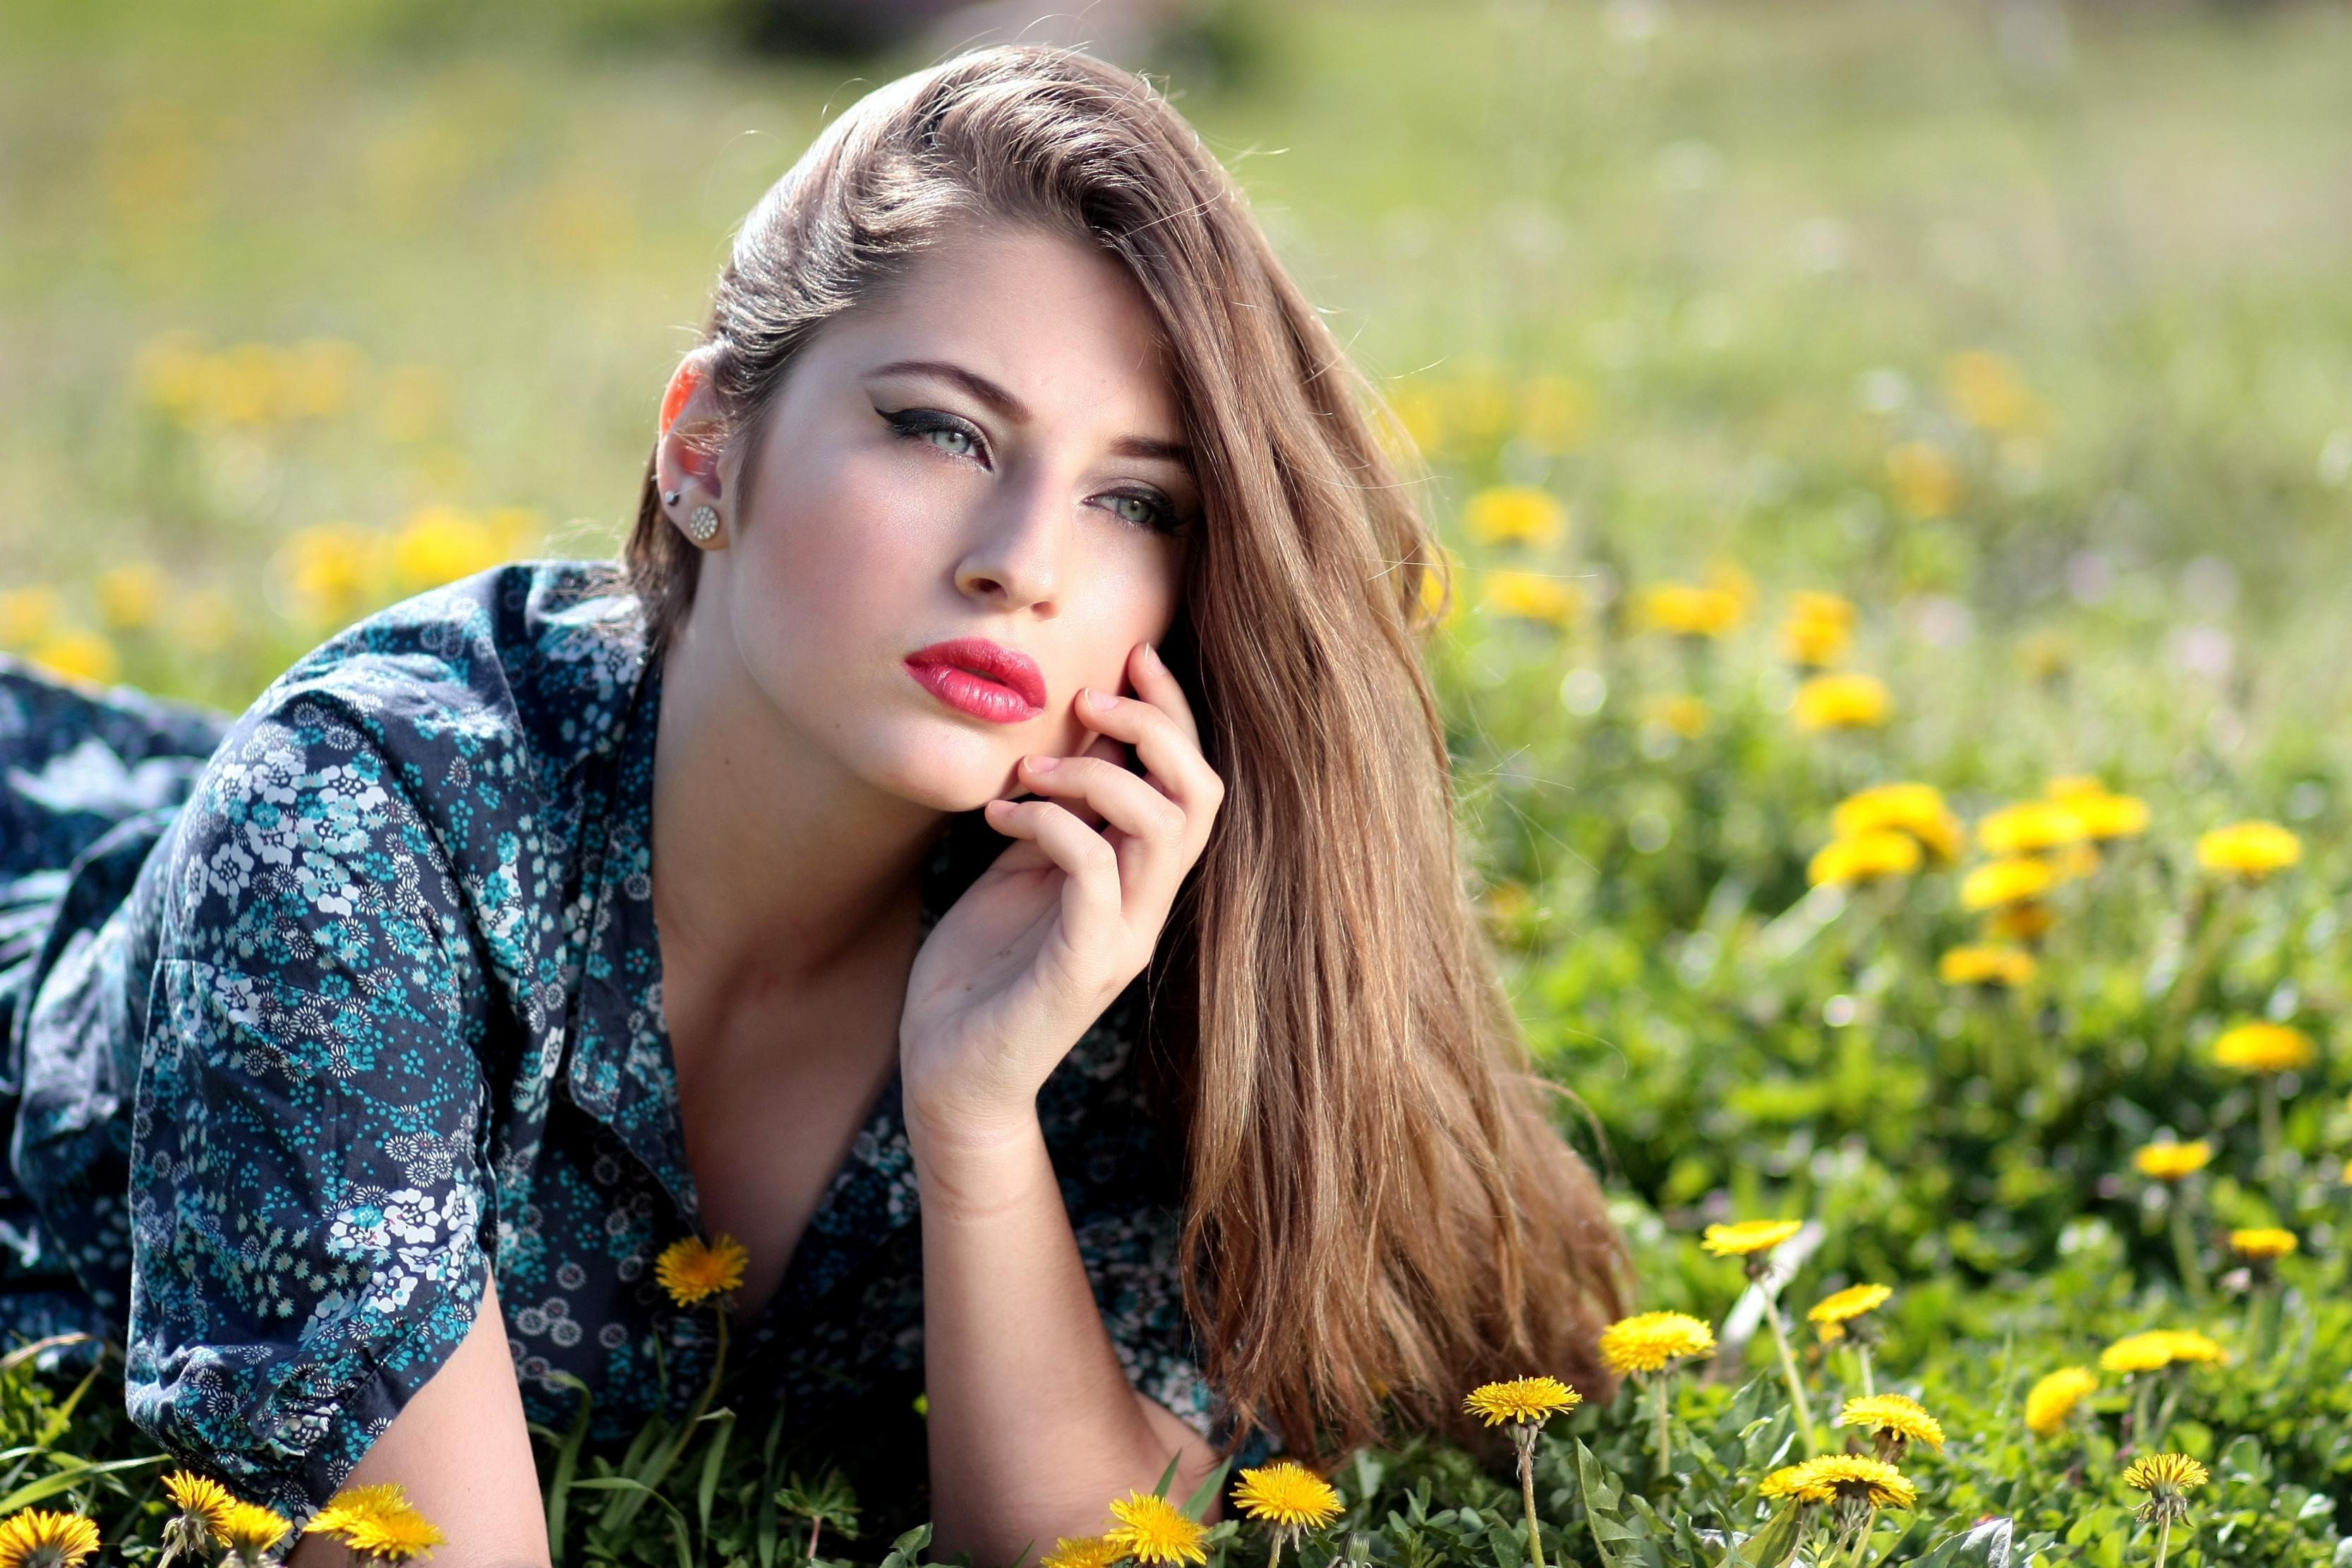 بالصور بنات دلوعات , اجمل بنات دلوعه علي مواقع التواصل الاجتماعي 2766 2